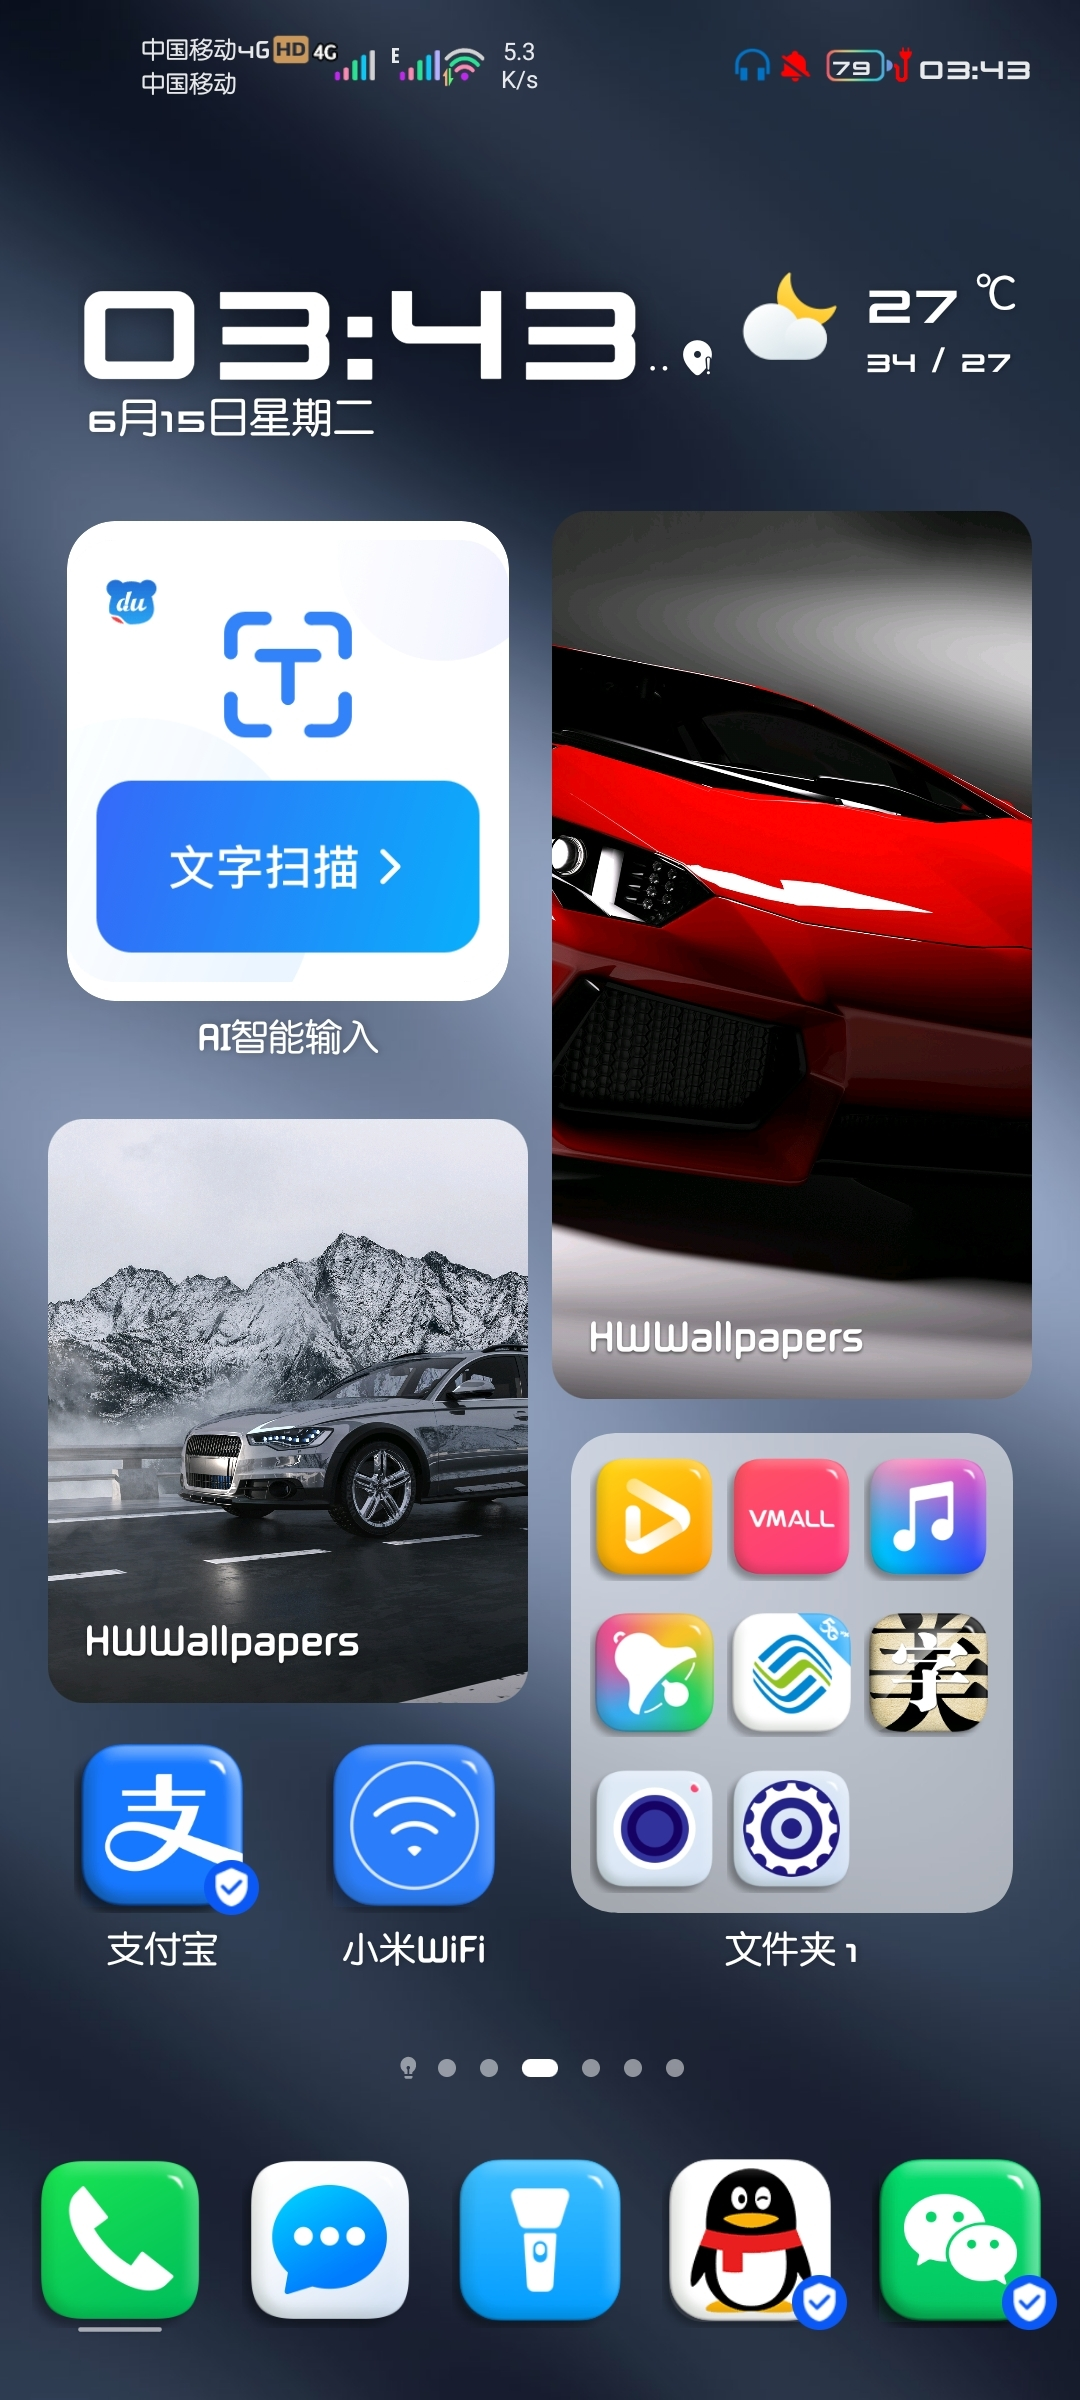 Screenshot_20210615_034358_com.huawei.android.launcher.jpg